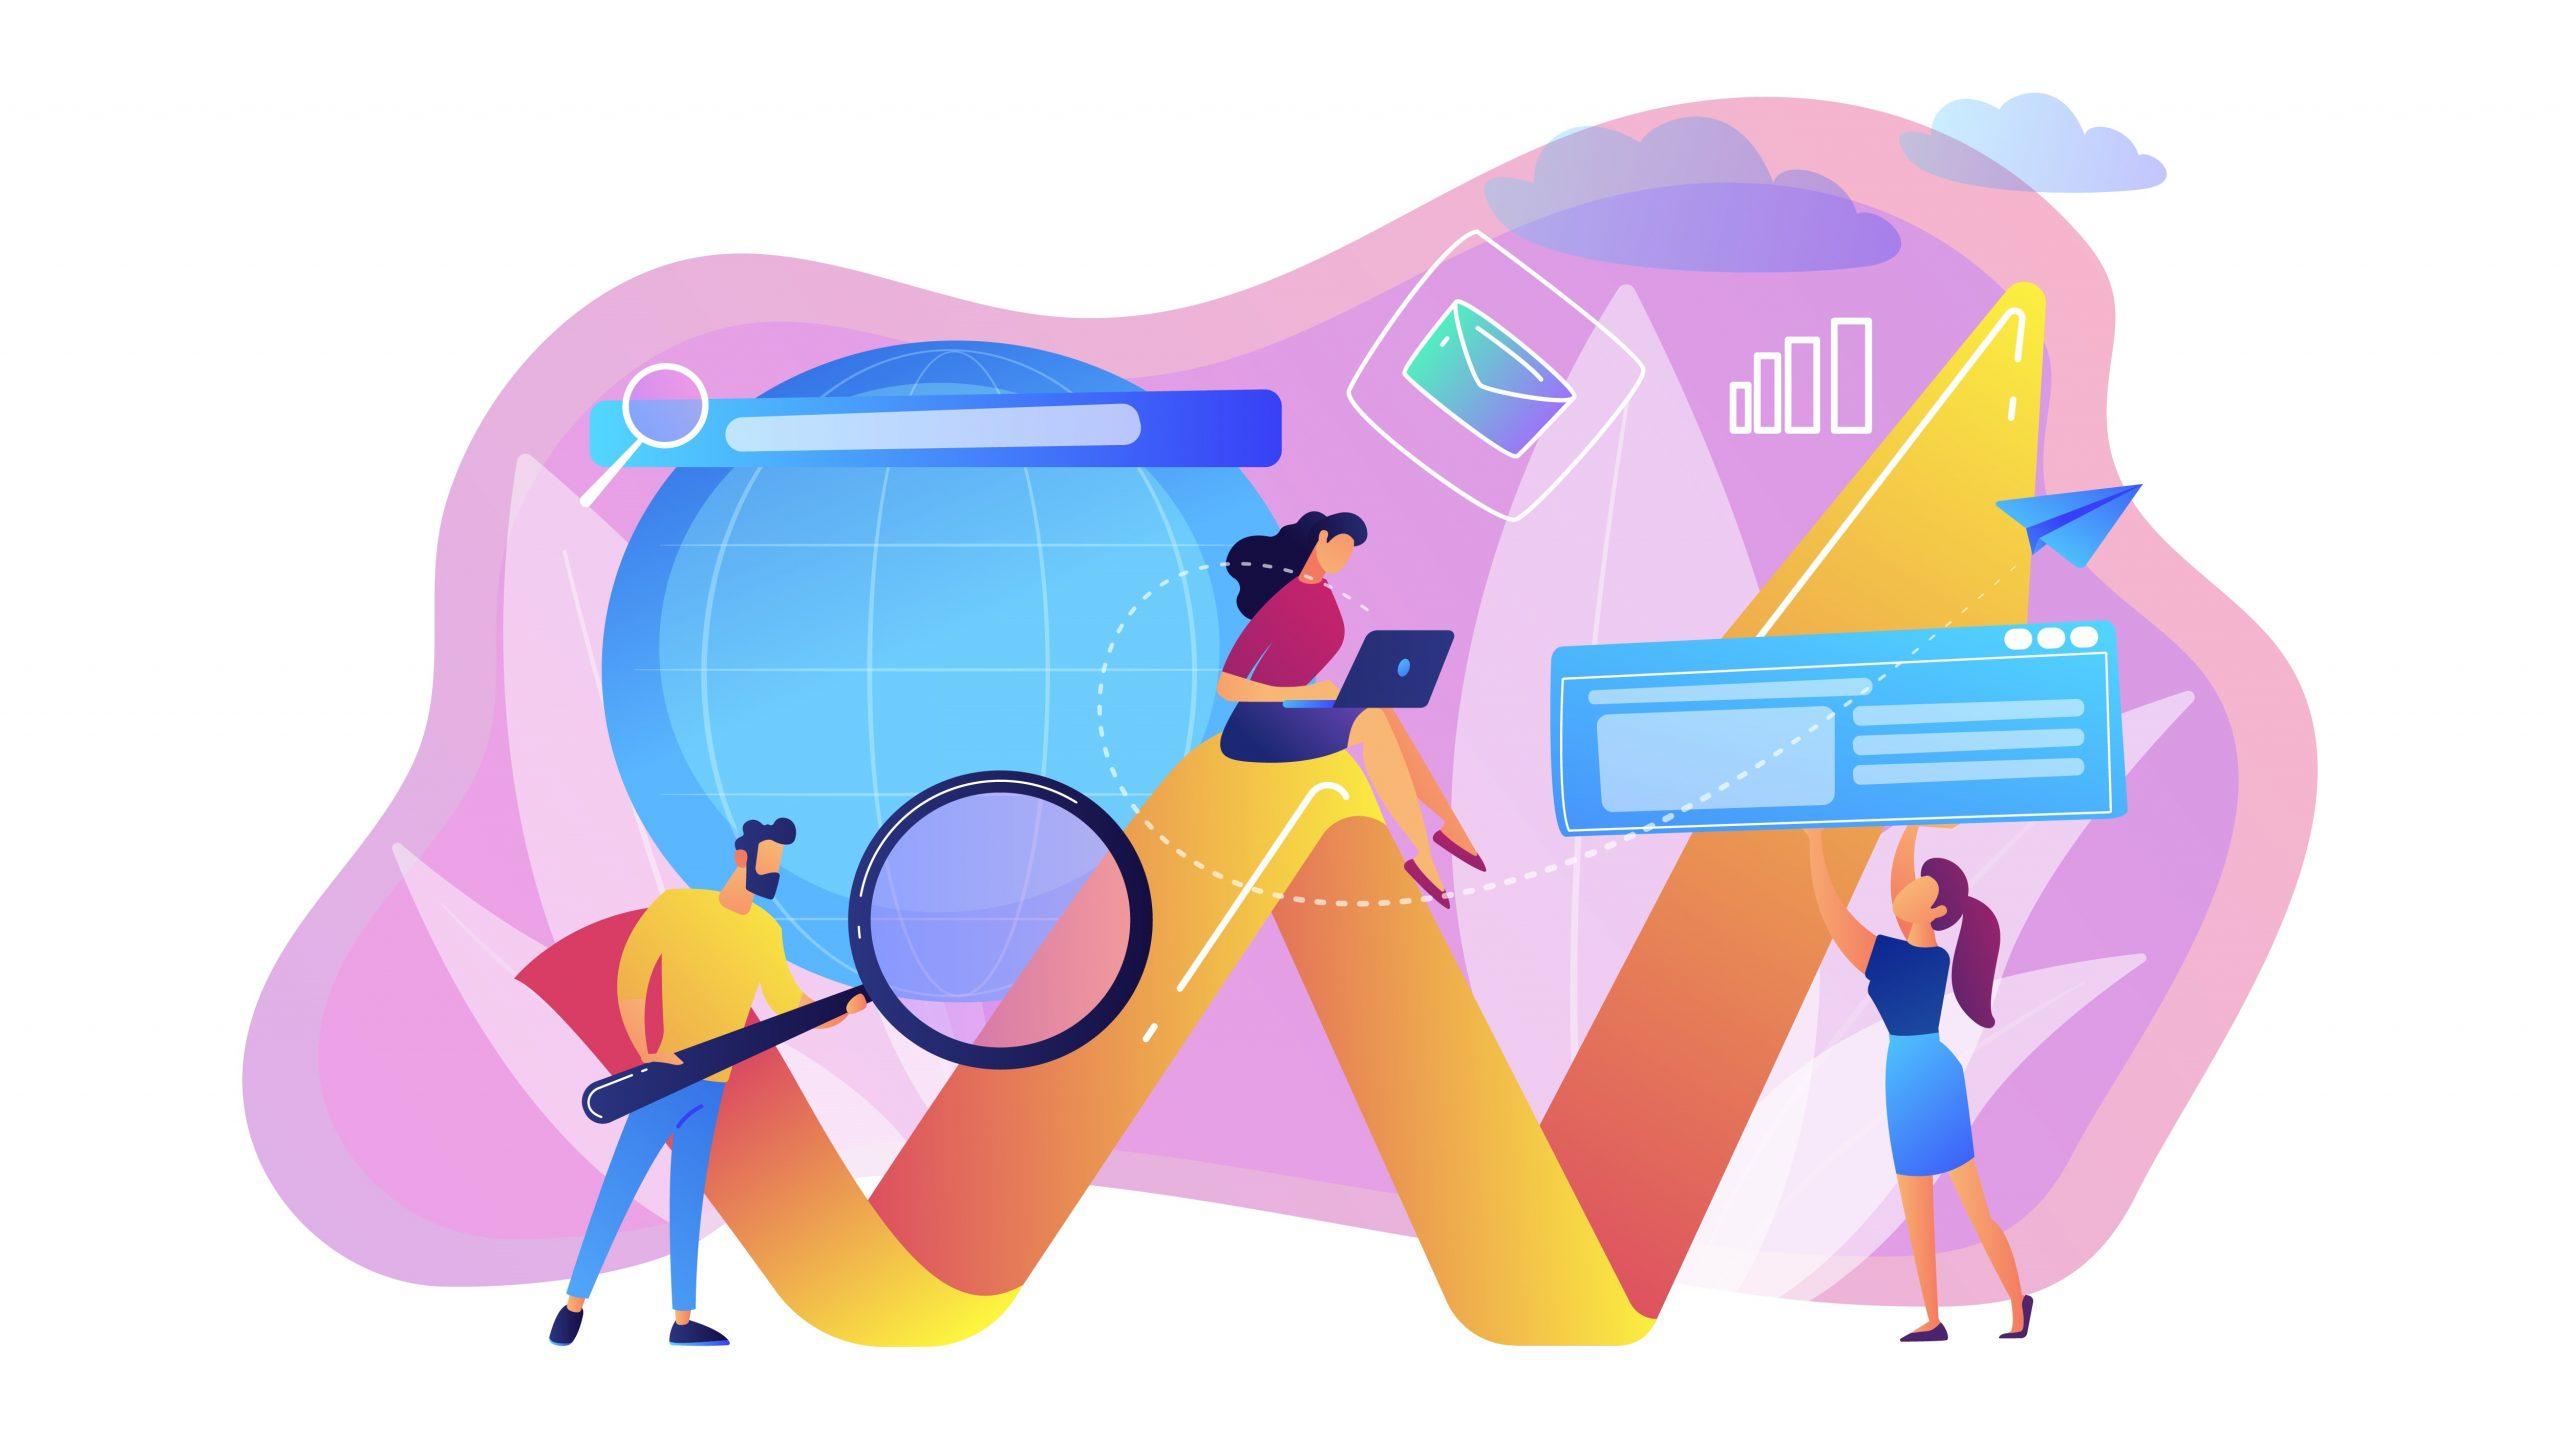 دیجیتال مارکتینگ چیست و از اهمیت آن چه میدانید؟